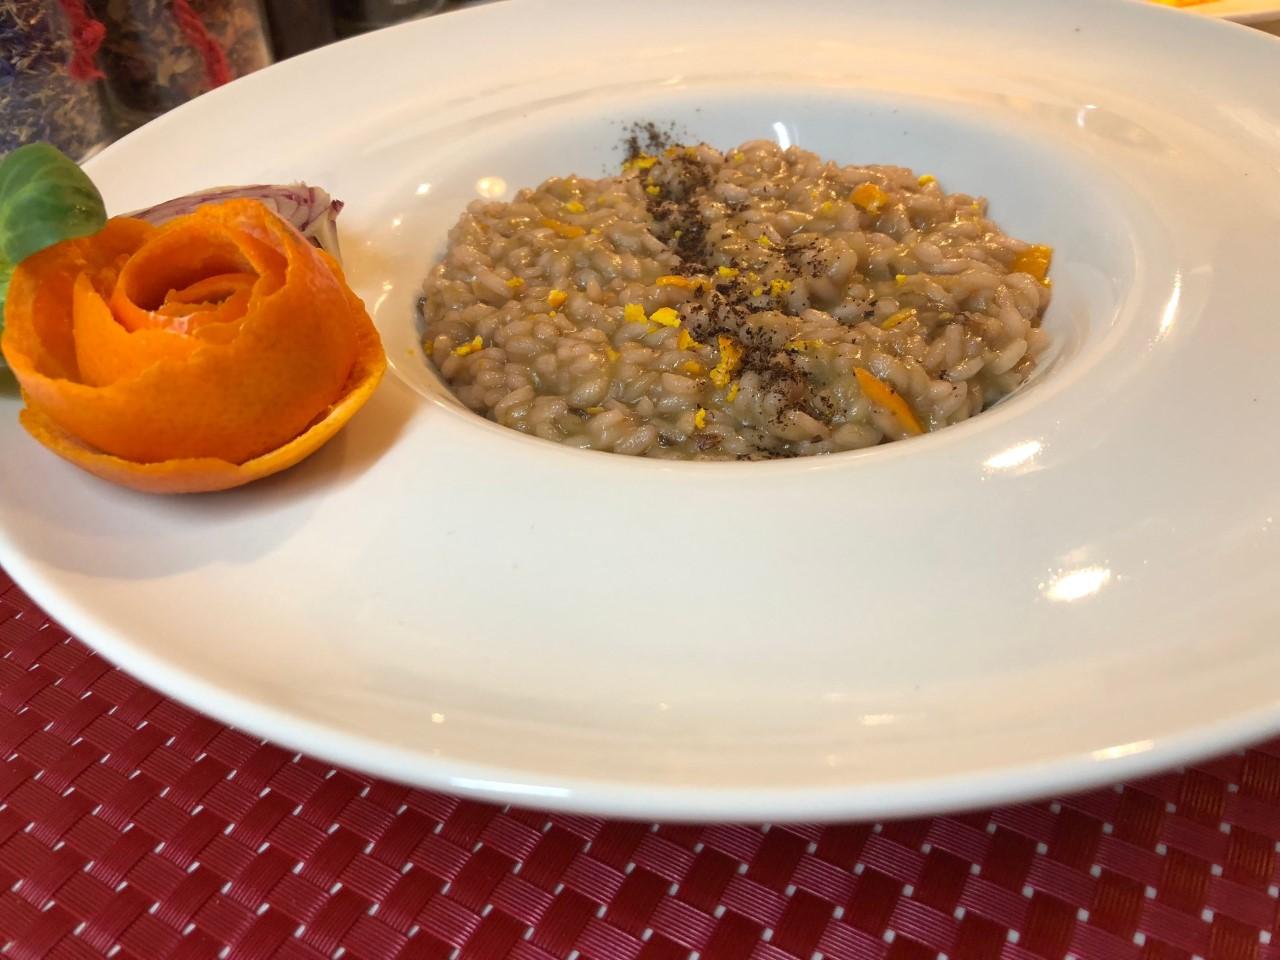 Risotto senza lattosio all'arancia e radicchio di Treviso